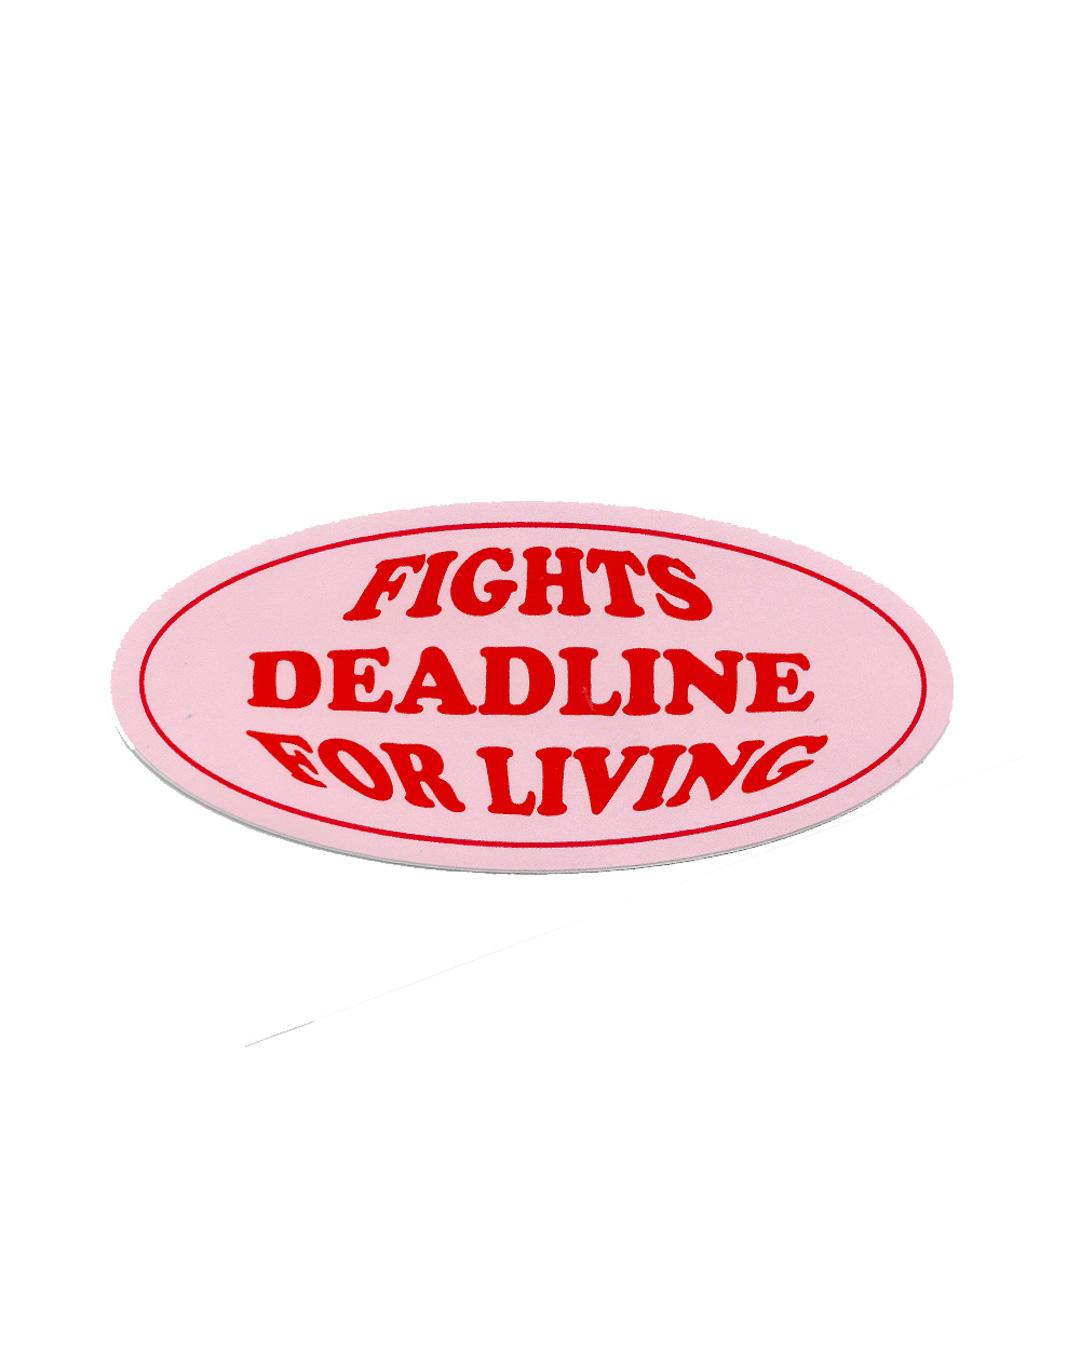 Big Sticker - Fight Deadline